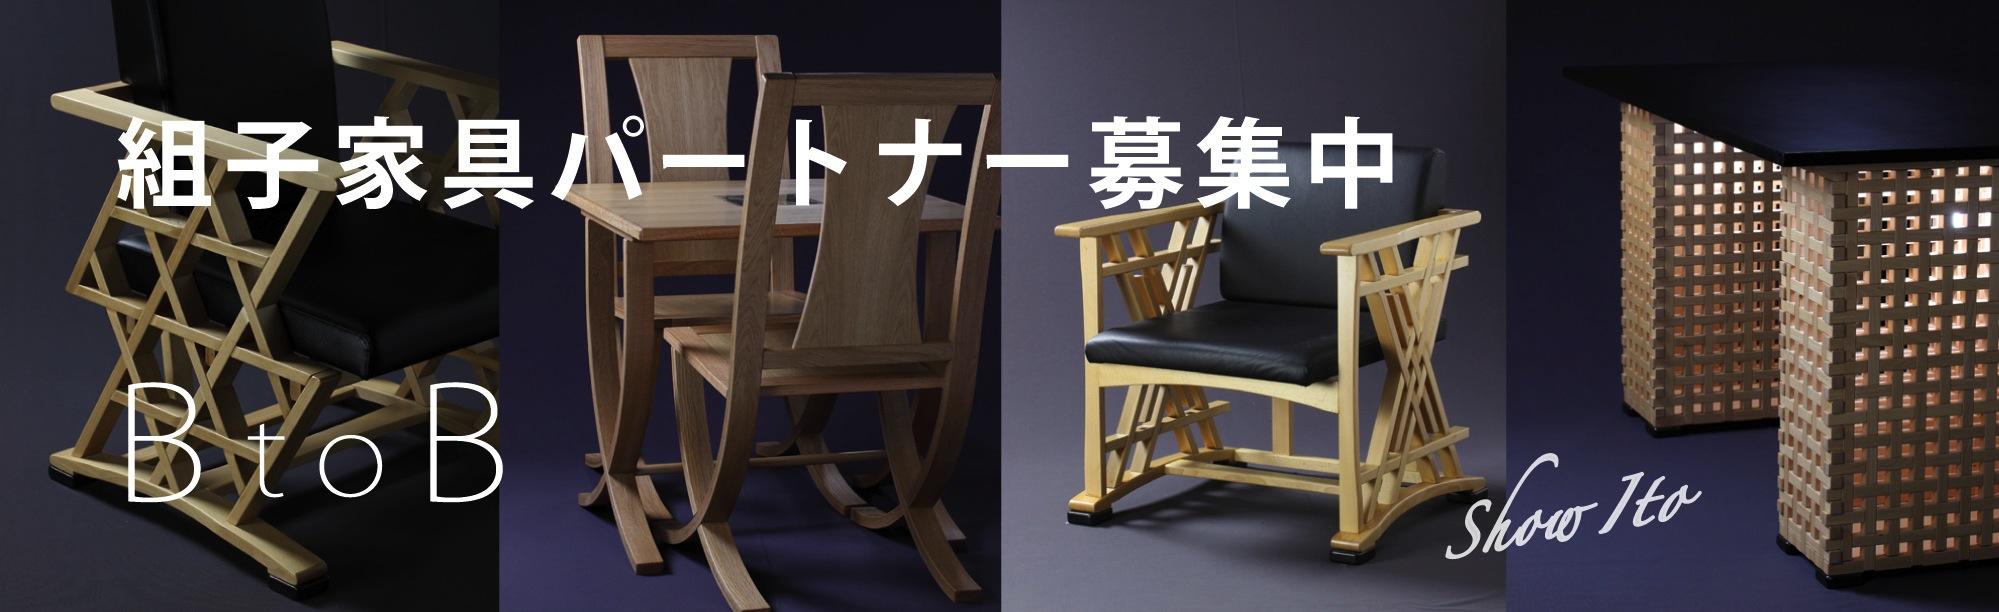 組子家具パートナー募集中です!:画像